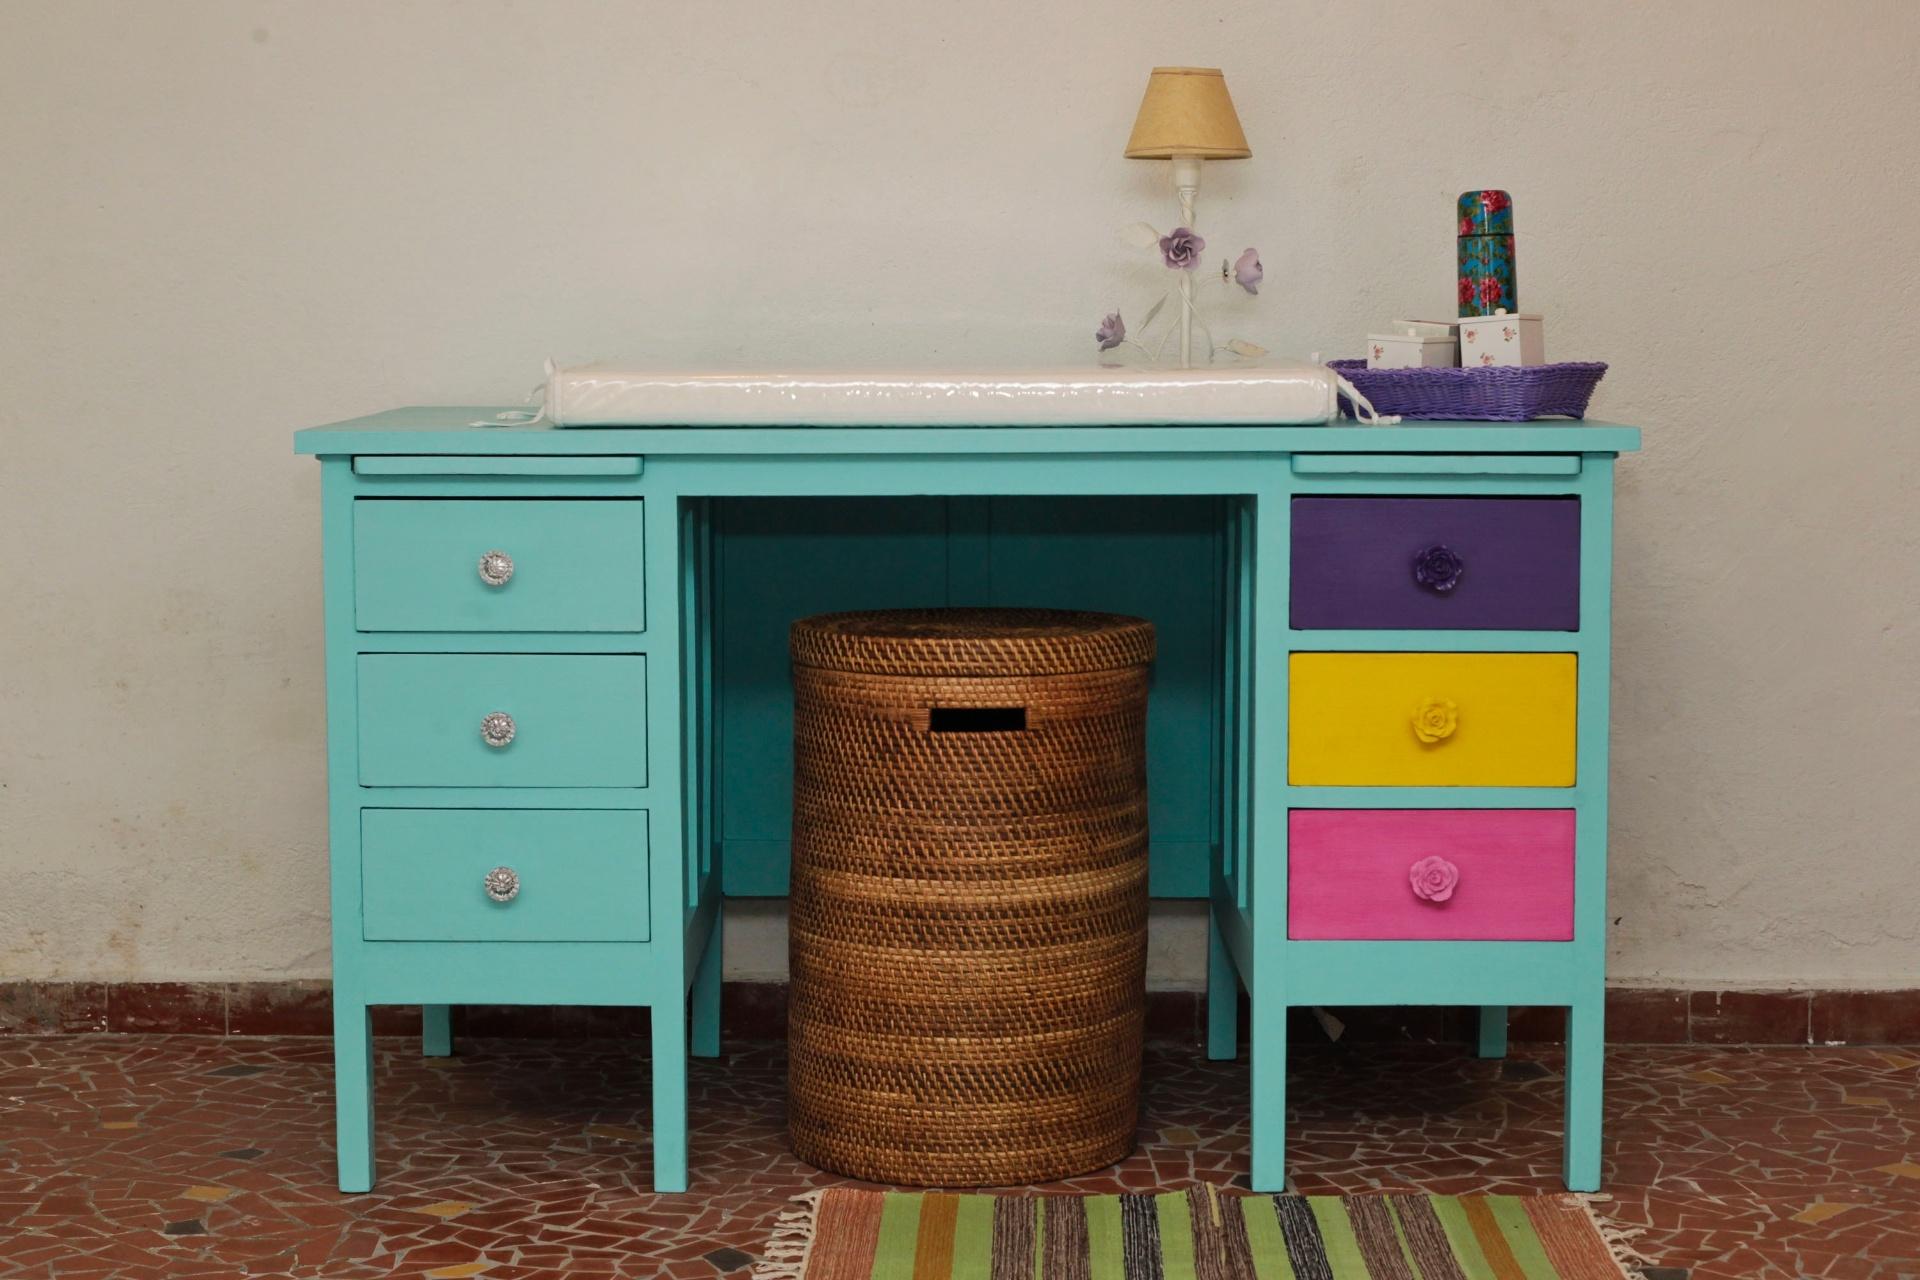 Fotos: Transforme uma escrivaninha antiga em uma cômoda para o quarto  #694028 1920x1280